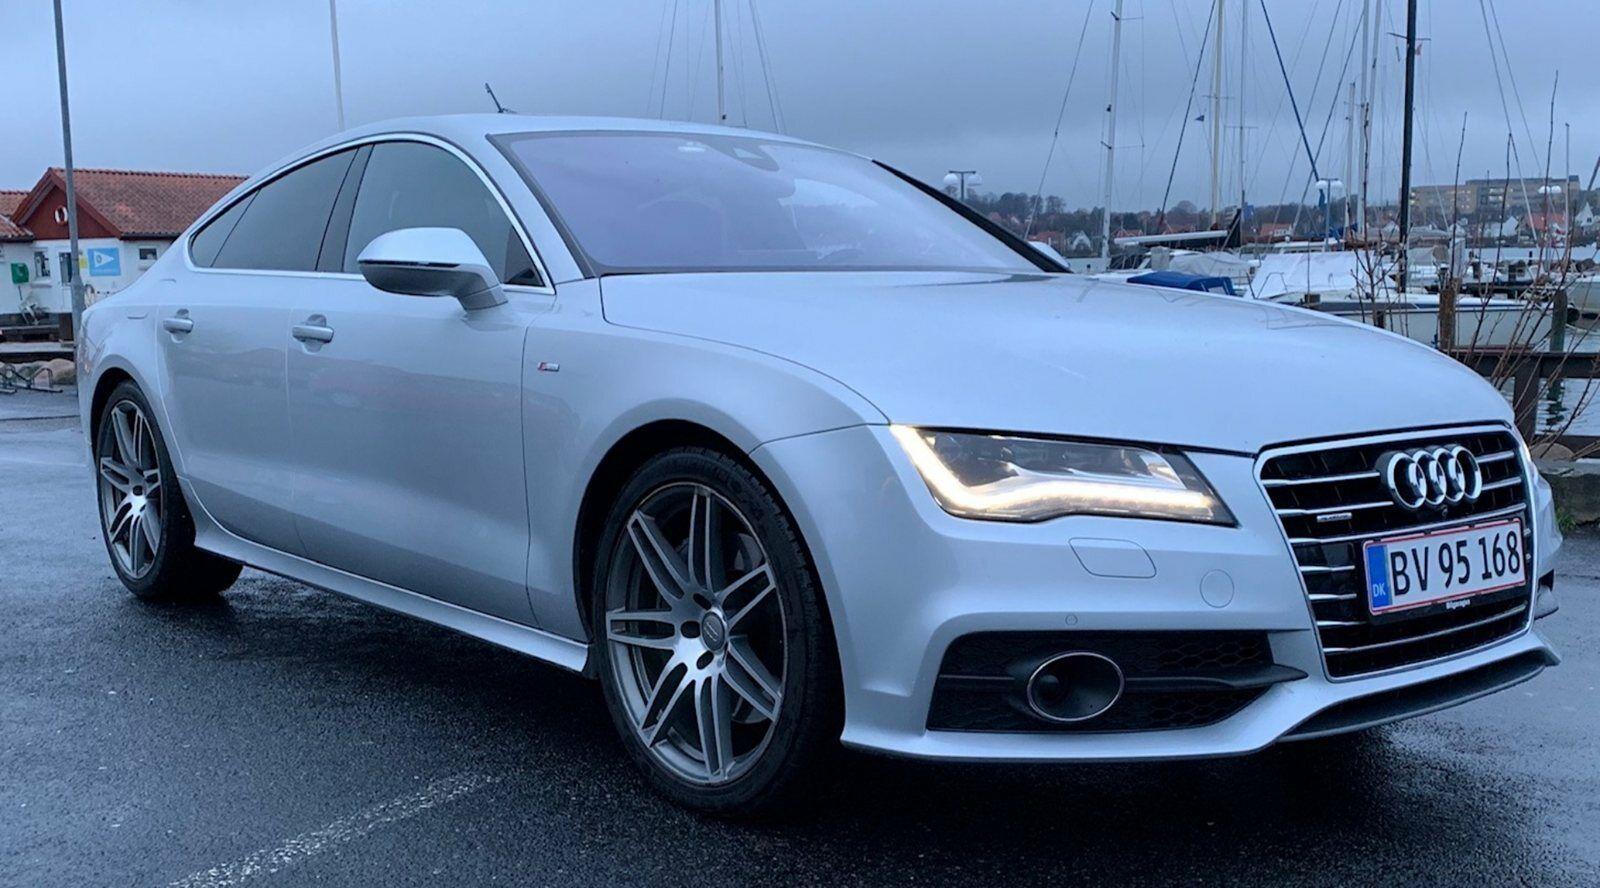 Audi A7 3,0 TDi 313 SB quattro Tiptr. 5d - 159.800 kr.